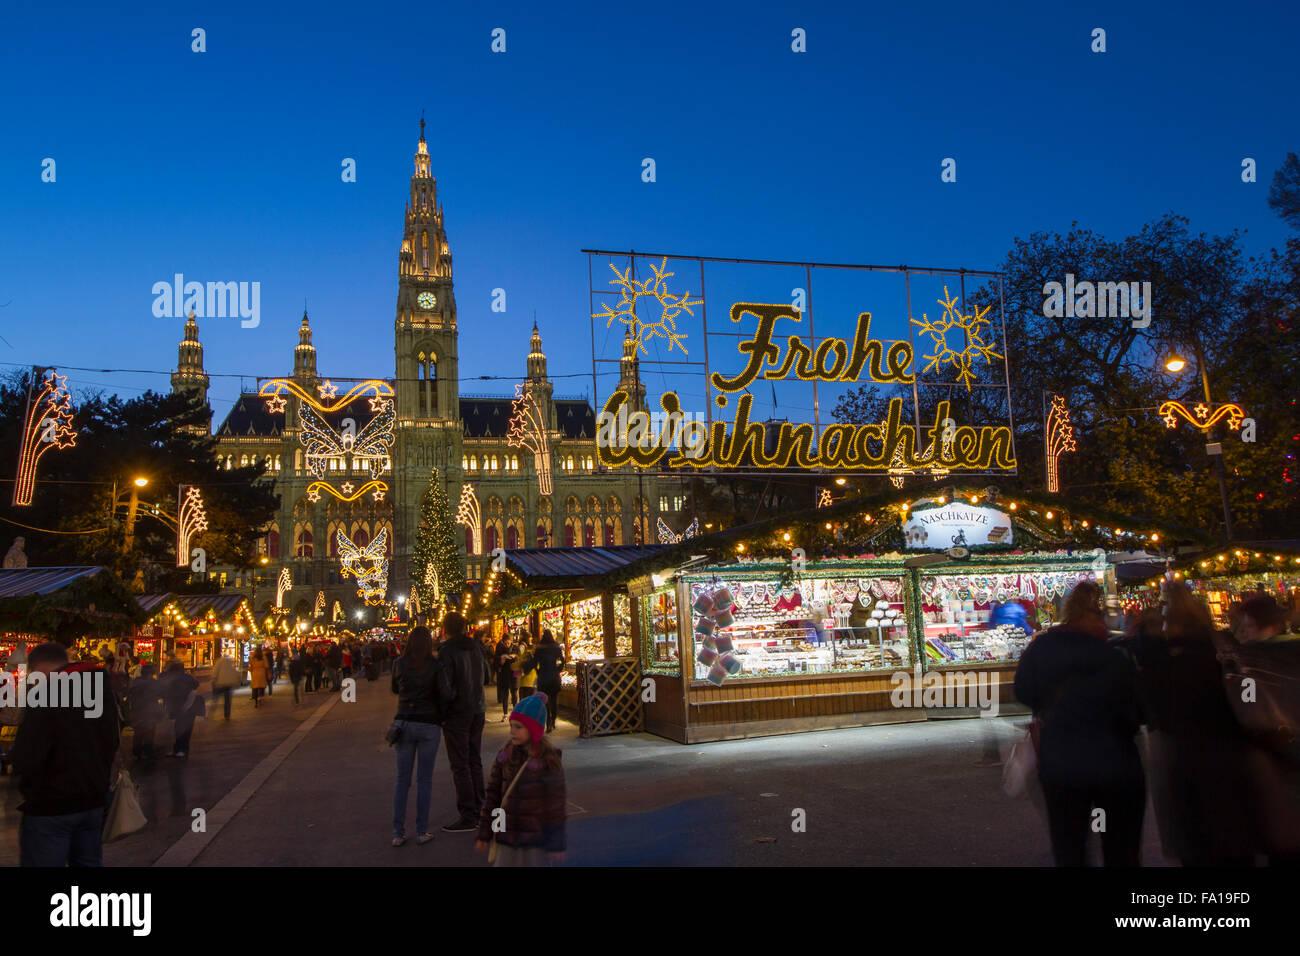 Stände Weihnachtsmarkt.Stände Weihnachtsmarkt Vor Dem Rathaus Rathausplatz Wien